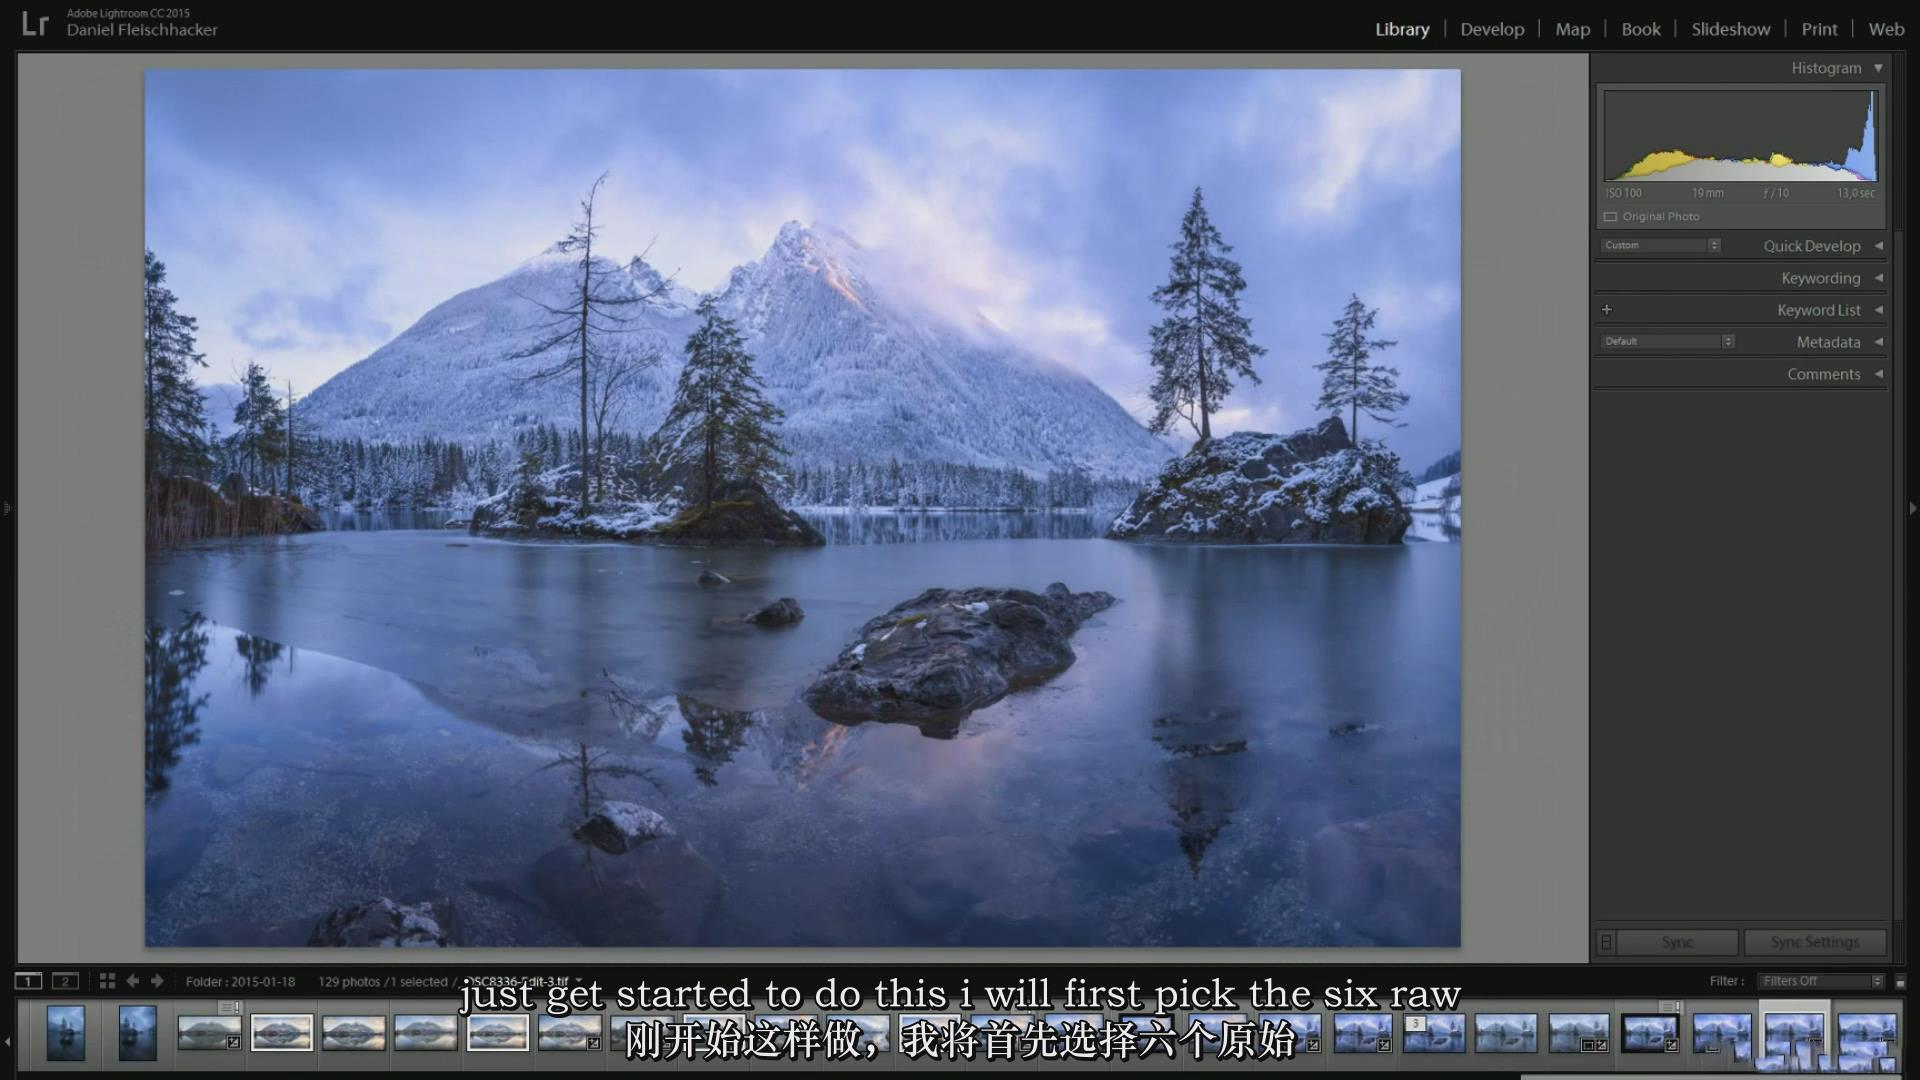 摄影教程_Daniel Fleischhacker景观和自然风光摄影Photoshop后期大师班-中英字幕 摄影教程 _预览图3